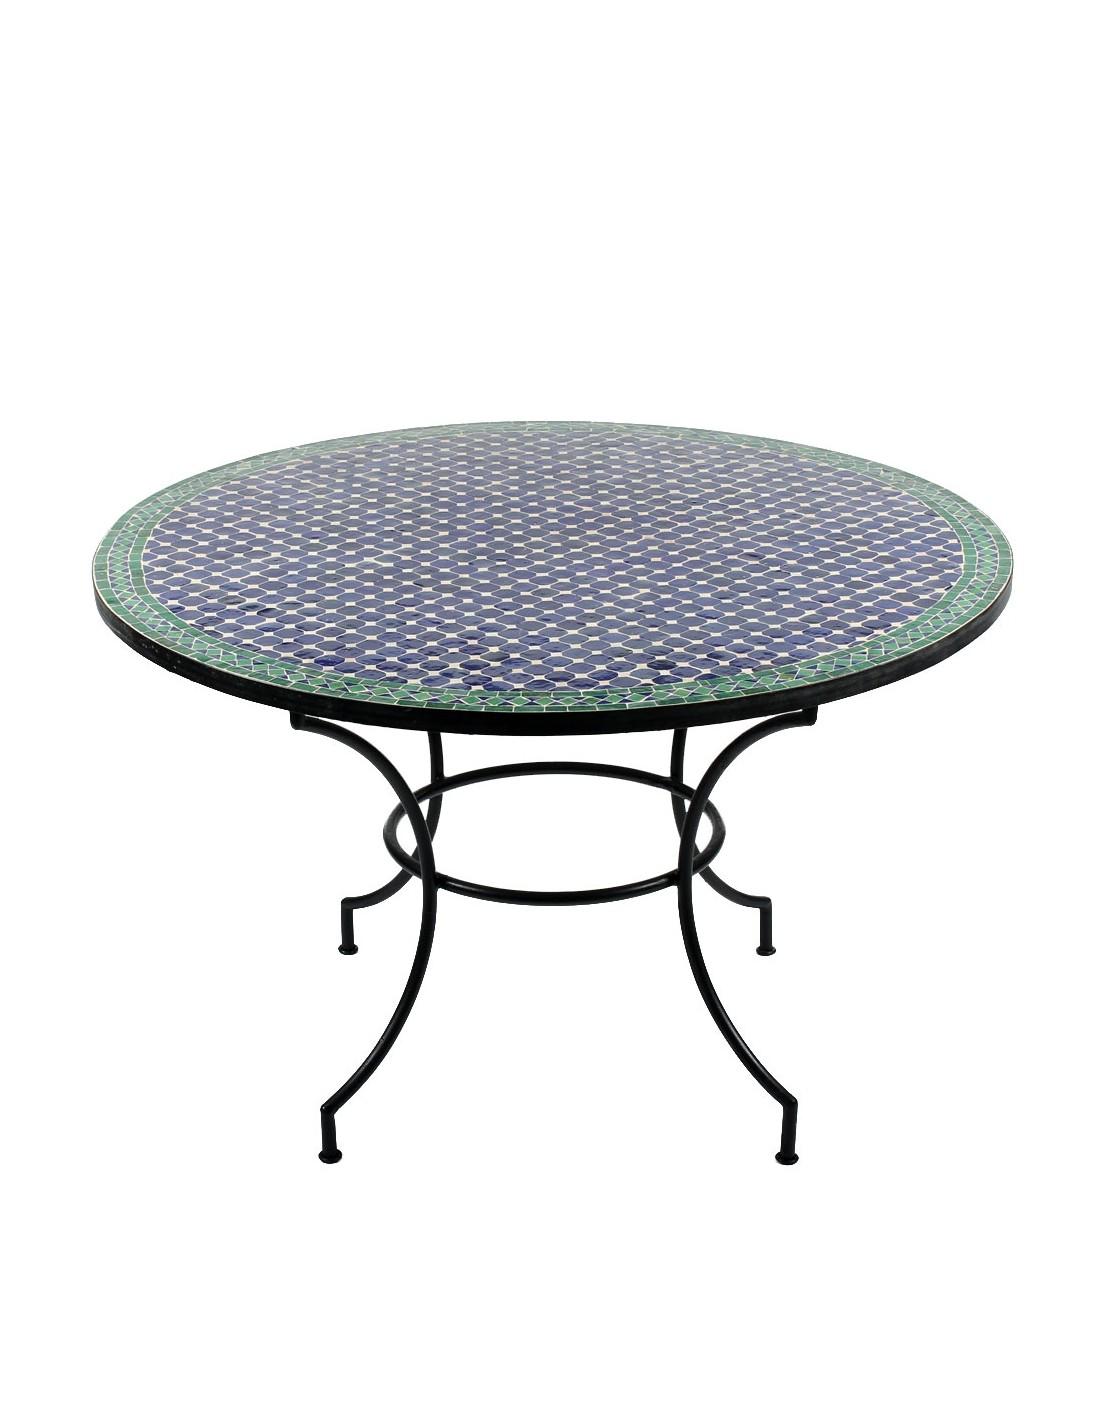 kleiner gartentisch rund good bild von rund cm with kleiner gartentisch rund trendy hay tisch. Black Bedroom Furniture Sets. Home Design Ideas